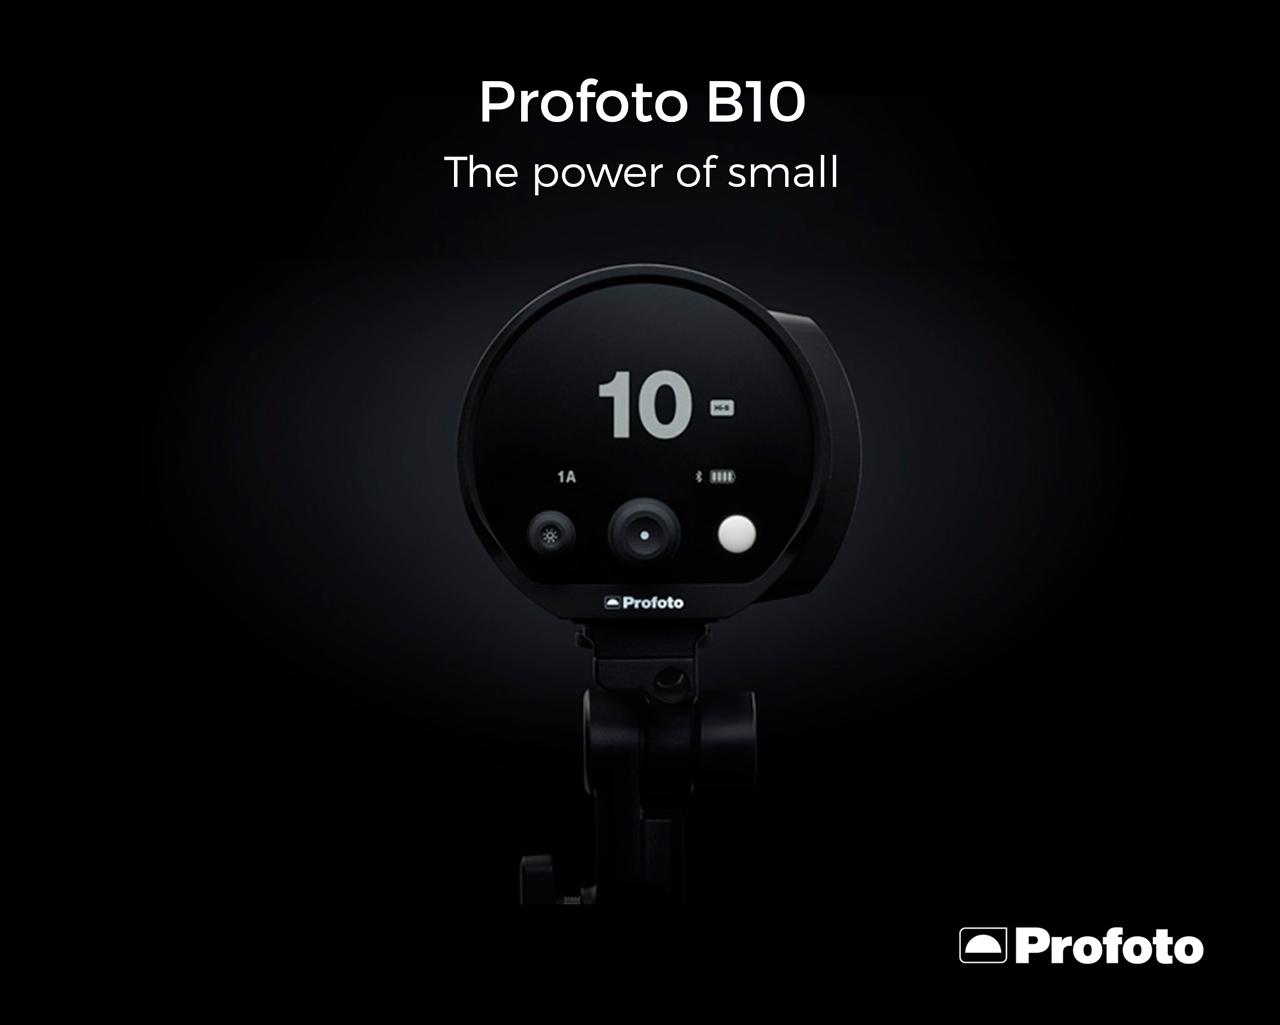 Profoto b10